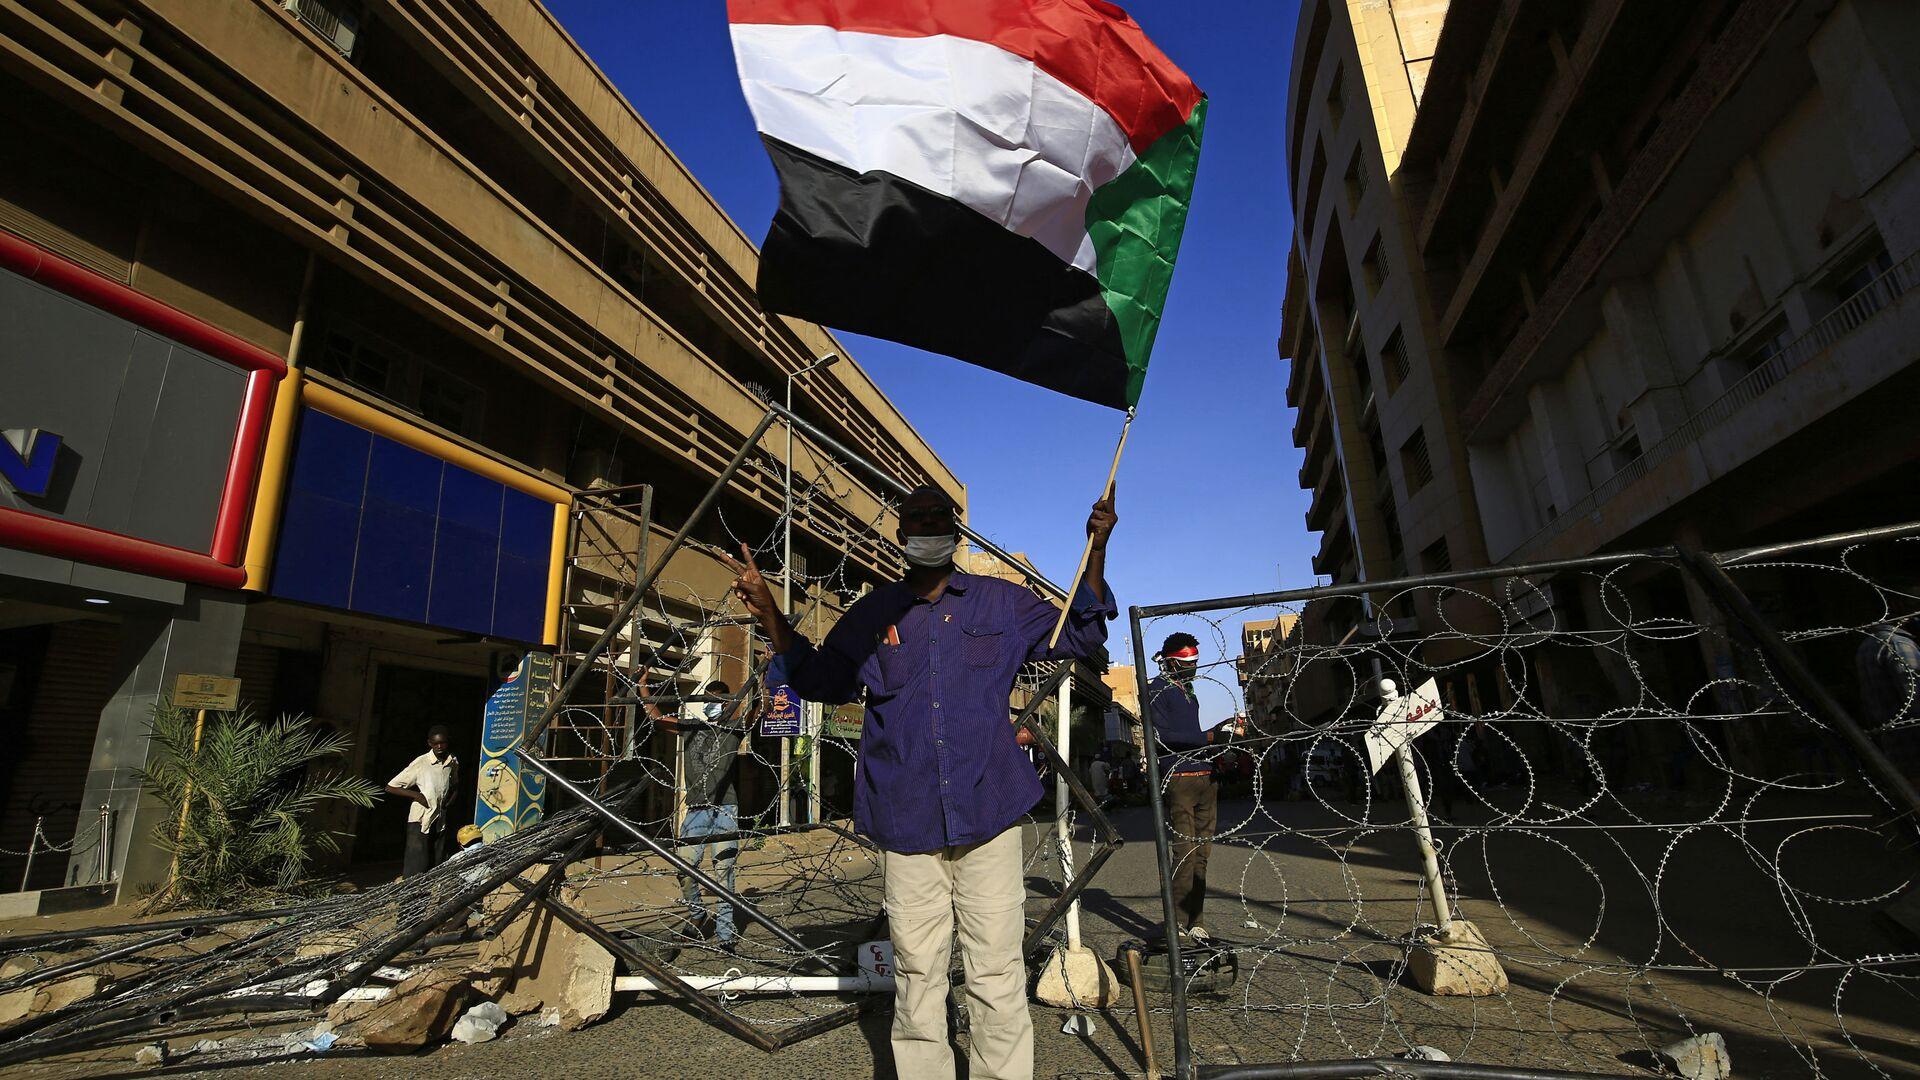 Un sudanese con la bandiera del proprio Paese a Khartoum - Sputnik Italia, 1920, 21.09.2021